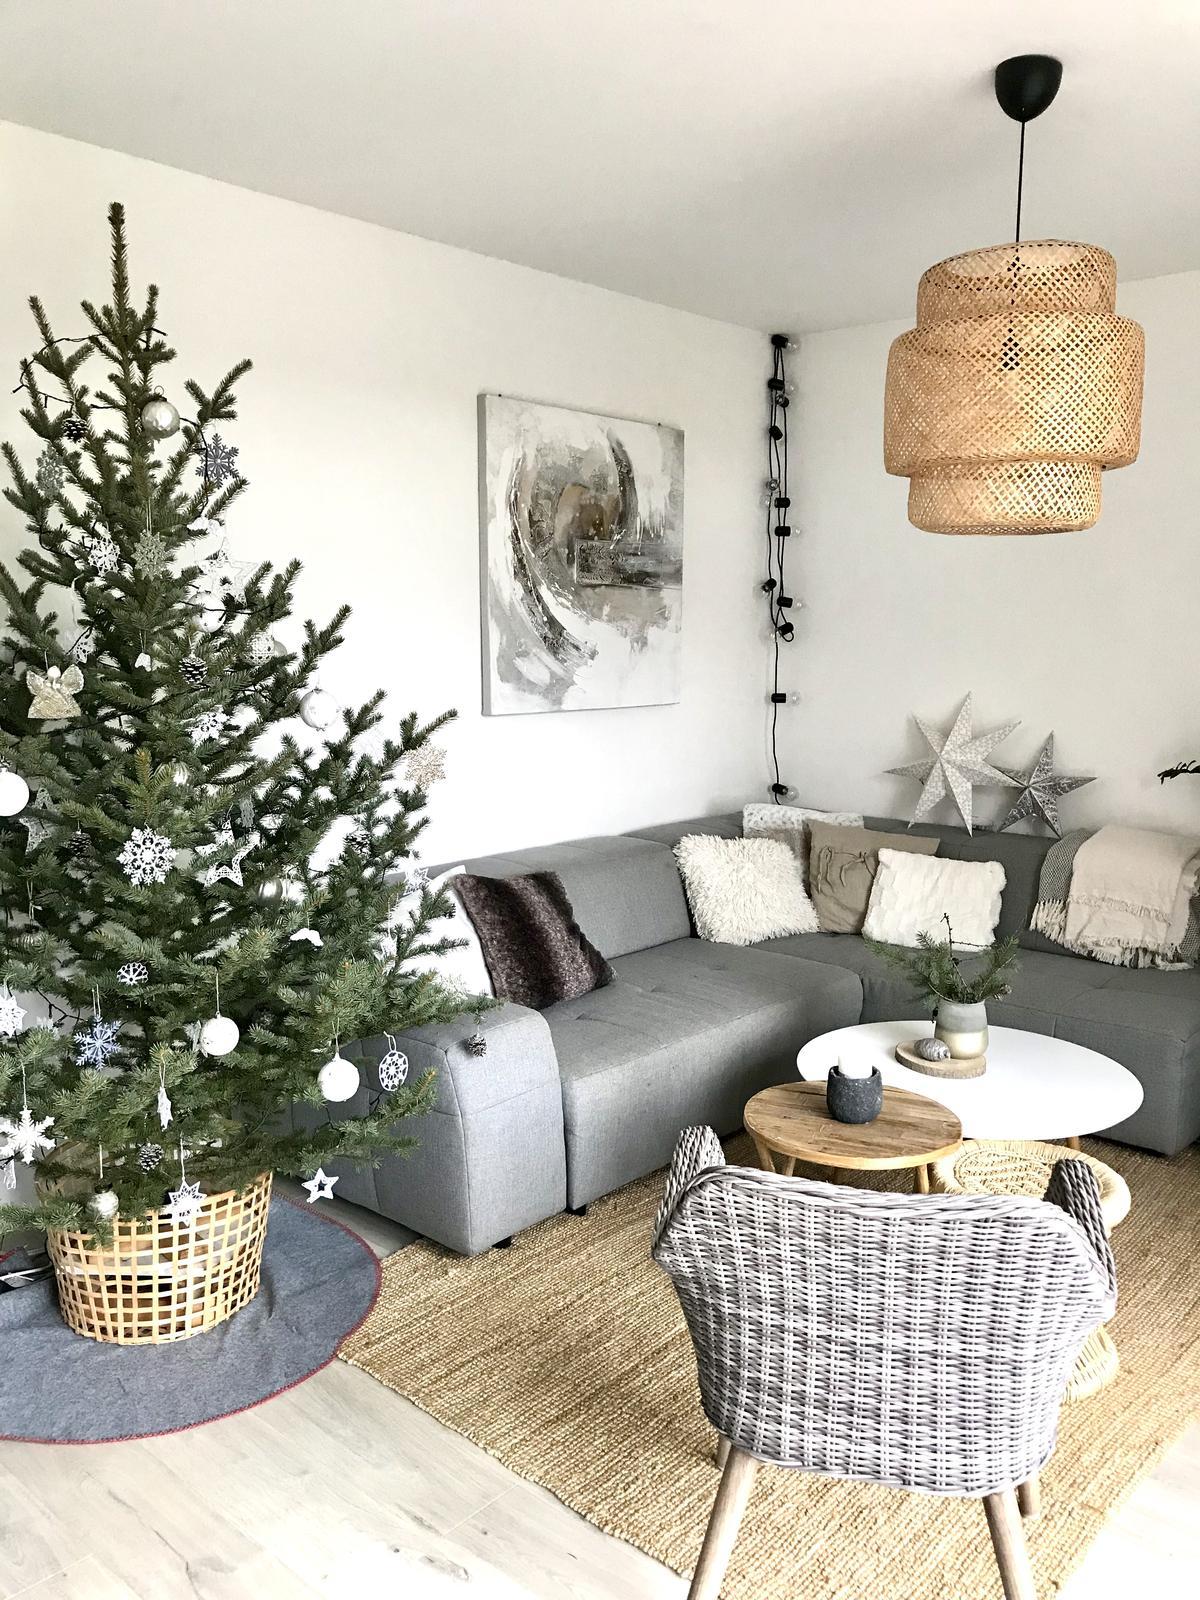 Naše nové DOMA❤️... jak budujeme v roce 2020 - Z vánočního zůstal už jen stromek, ale zimní dekorace jsko větvičky, modřín, svíčky, sušinu apod., tu si ještě nechávám :-)